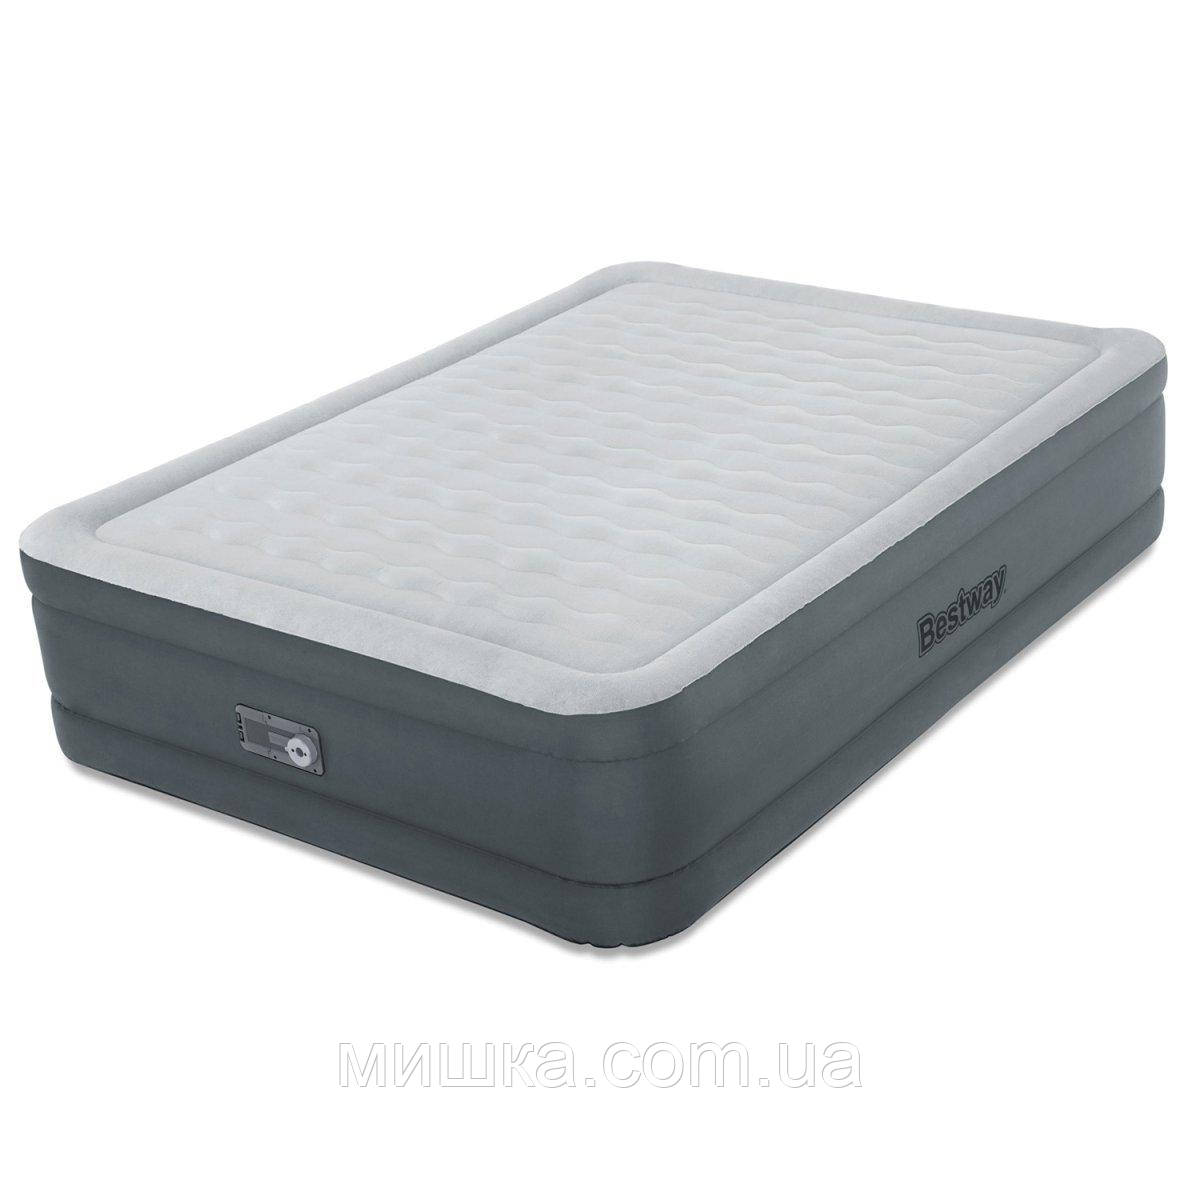 Надувне ліжко півтораспальне з вбудованим насосом Intex 64904, 191*137*46 см